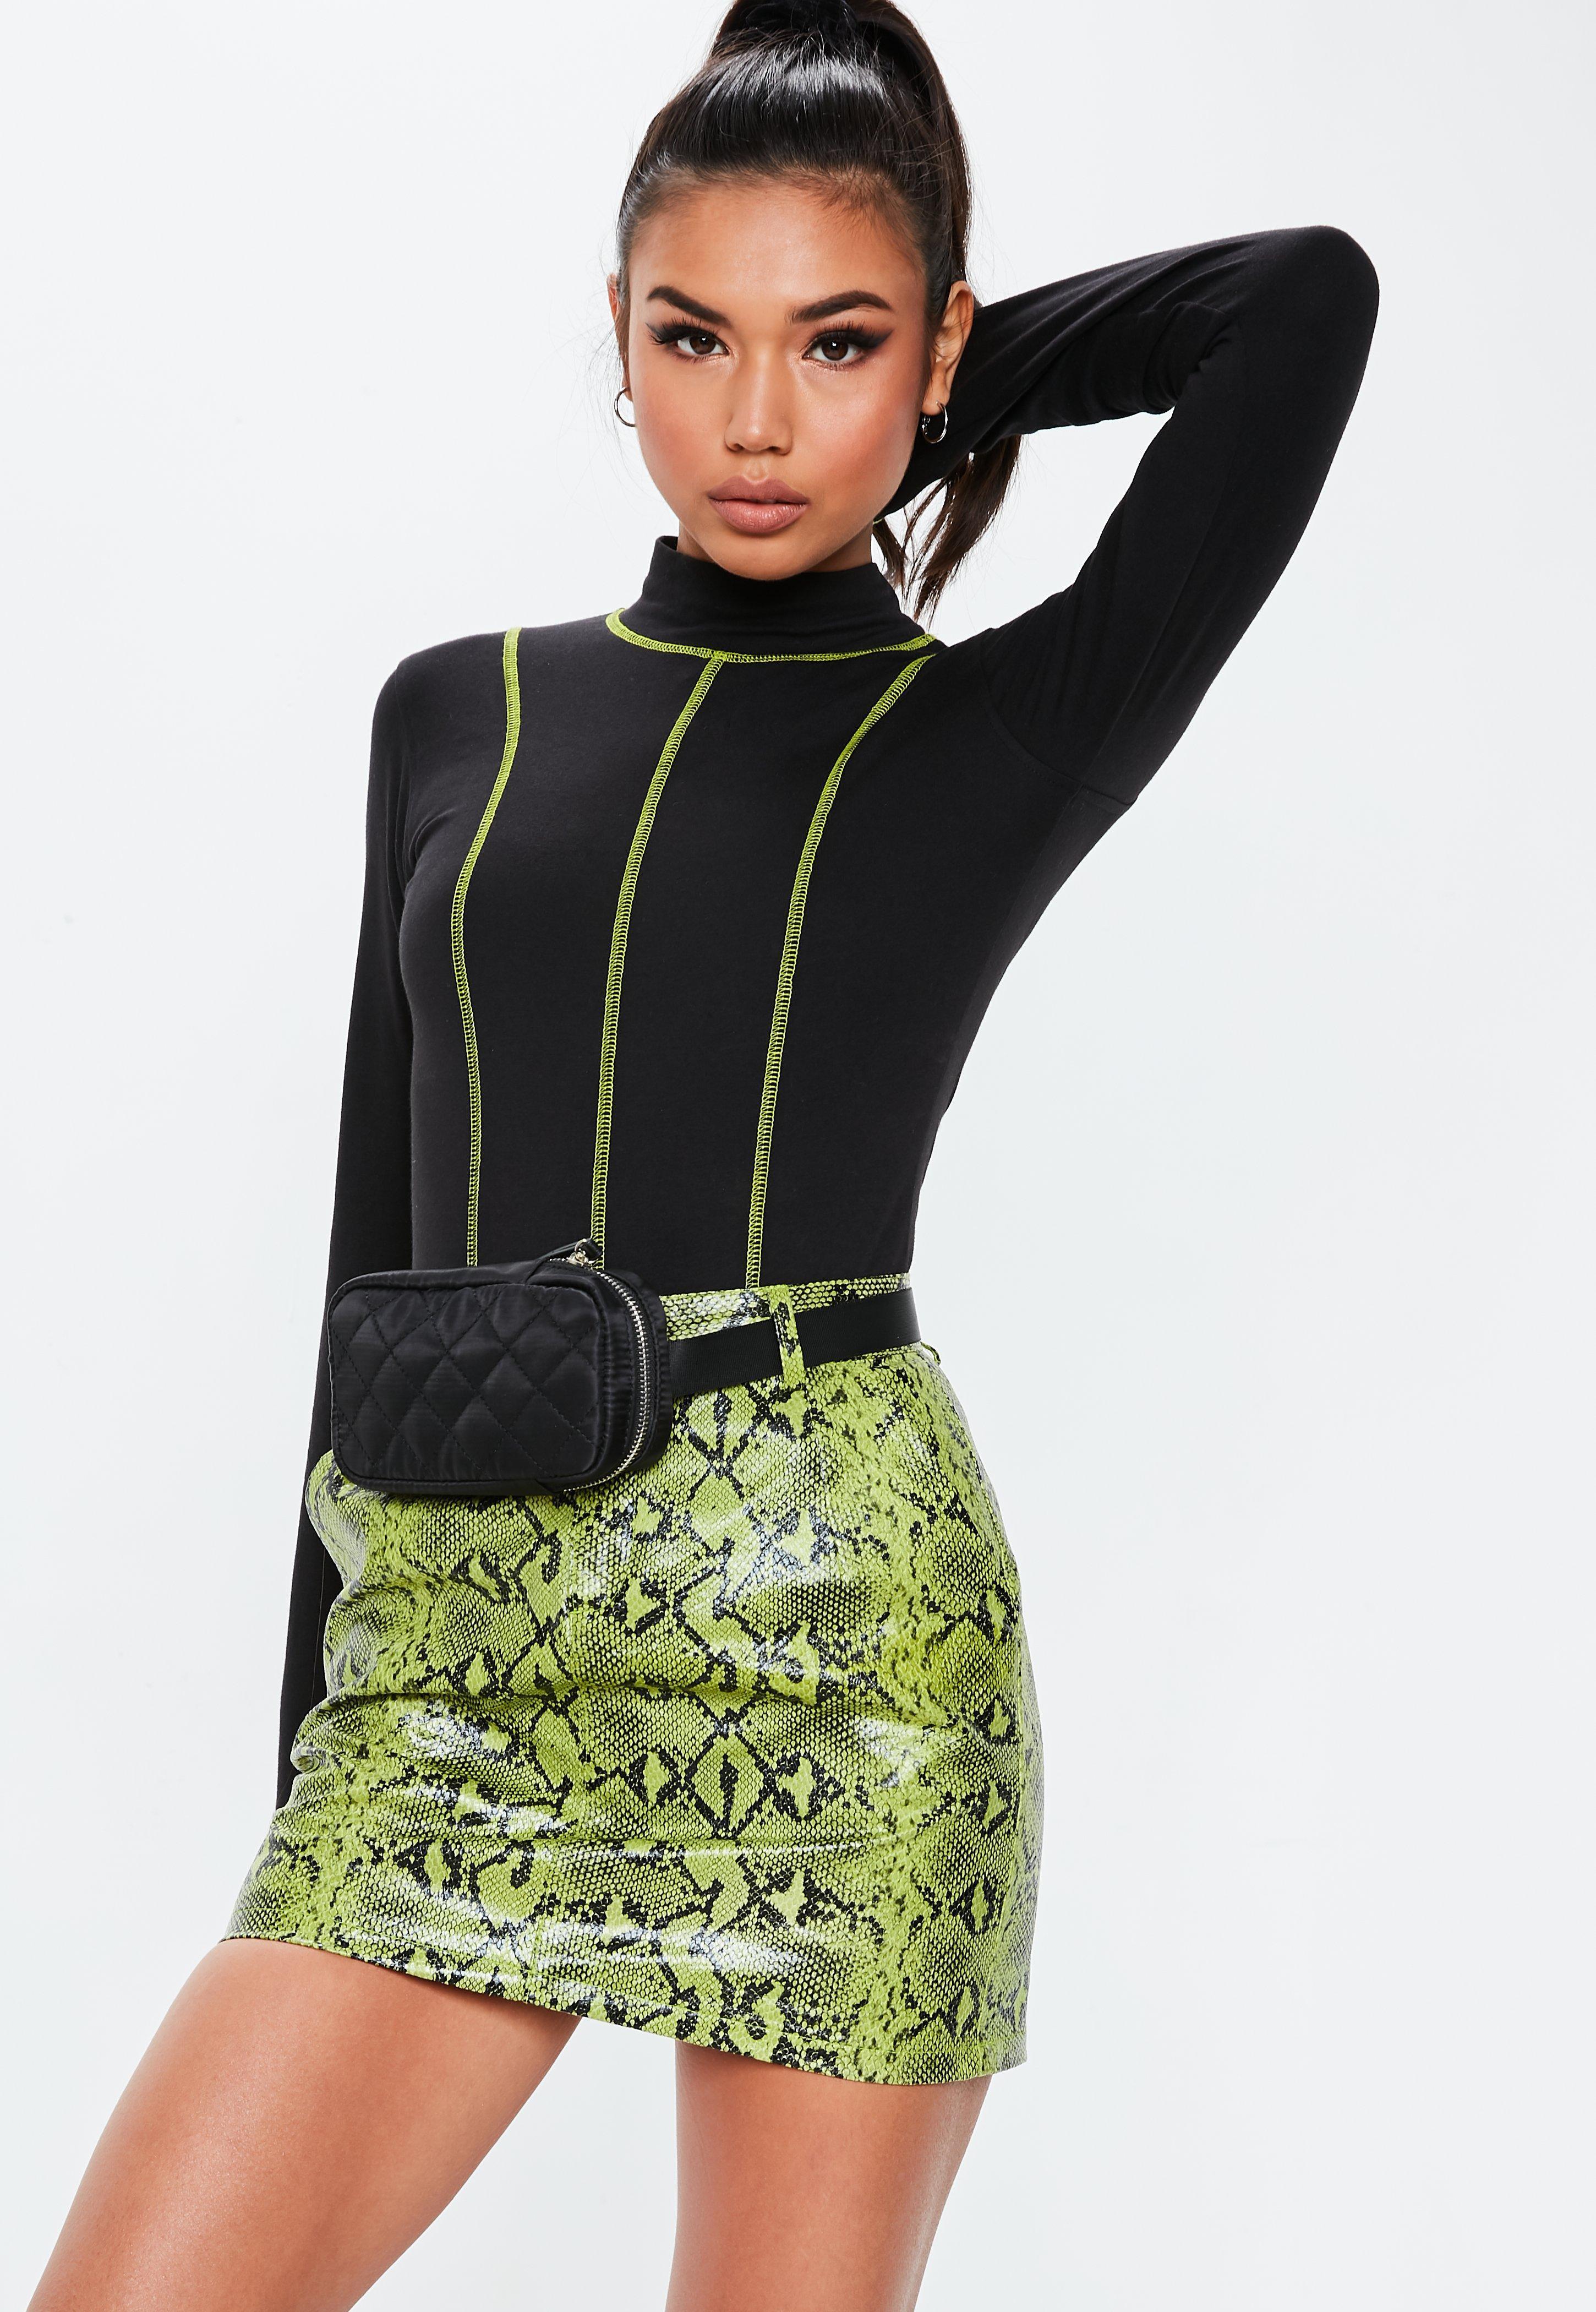 dcae00bf4baf Lyst - Missguided Tall Black Contrast Stitch Bodysuit in Black ...